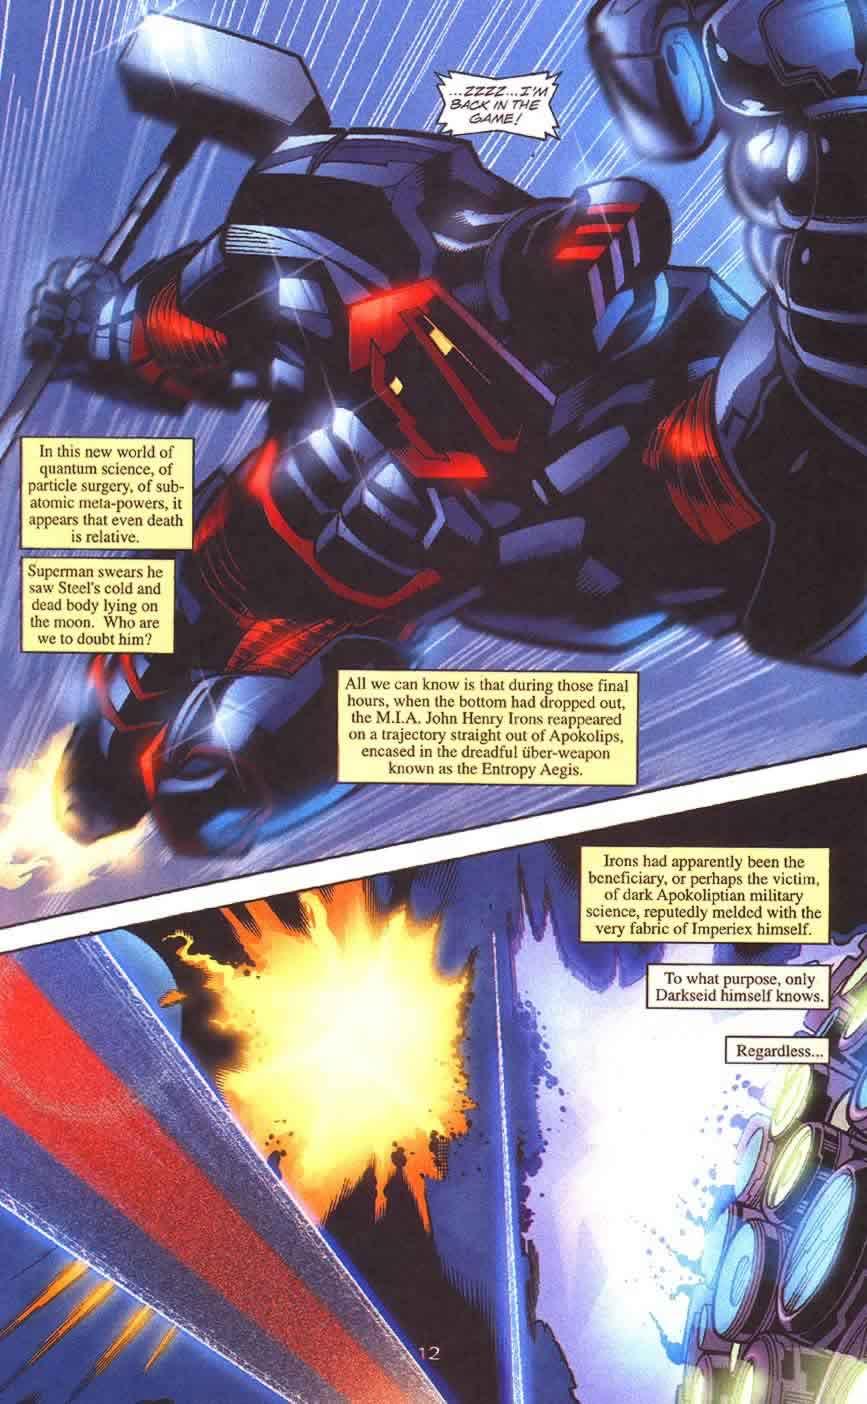 Man Of Steel 117 pg 12